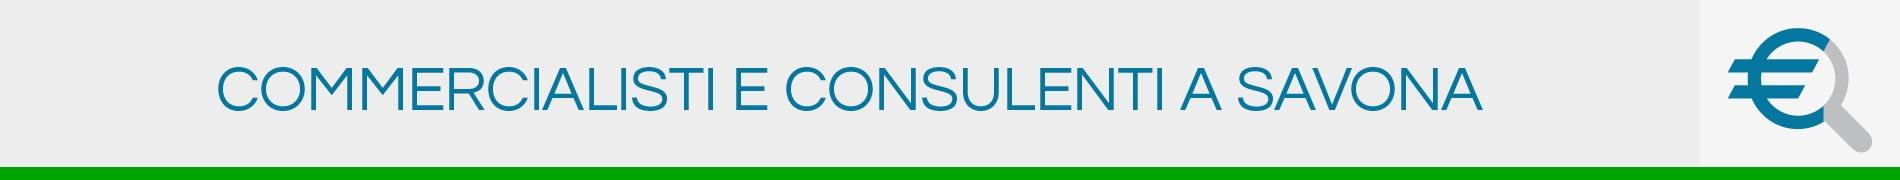 Commercialisti e Consulenti a Savona